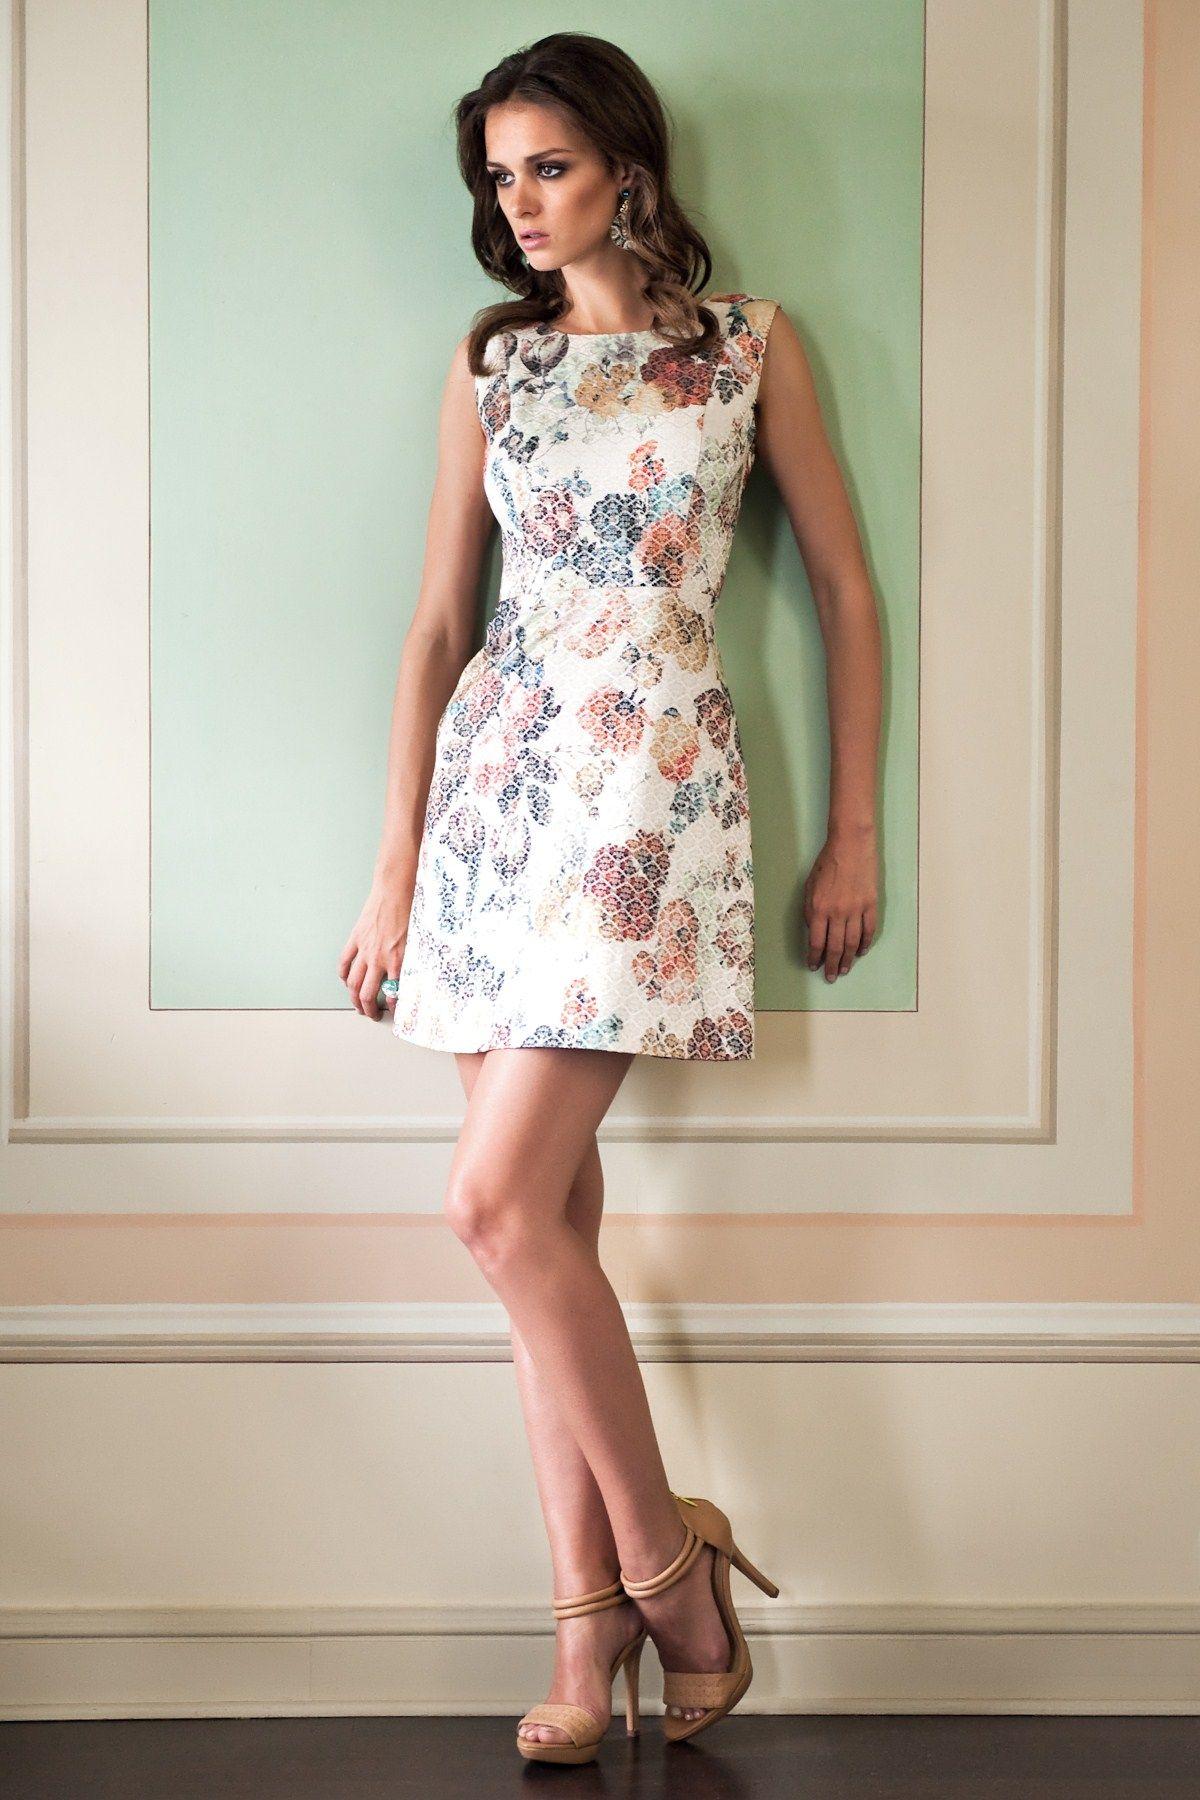 Modelleri ve elbise fiyatlar modasor com pictures to pin on pinterest - Milla By Trendyol I Ek Desenli Elbise Mlwss1349019